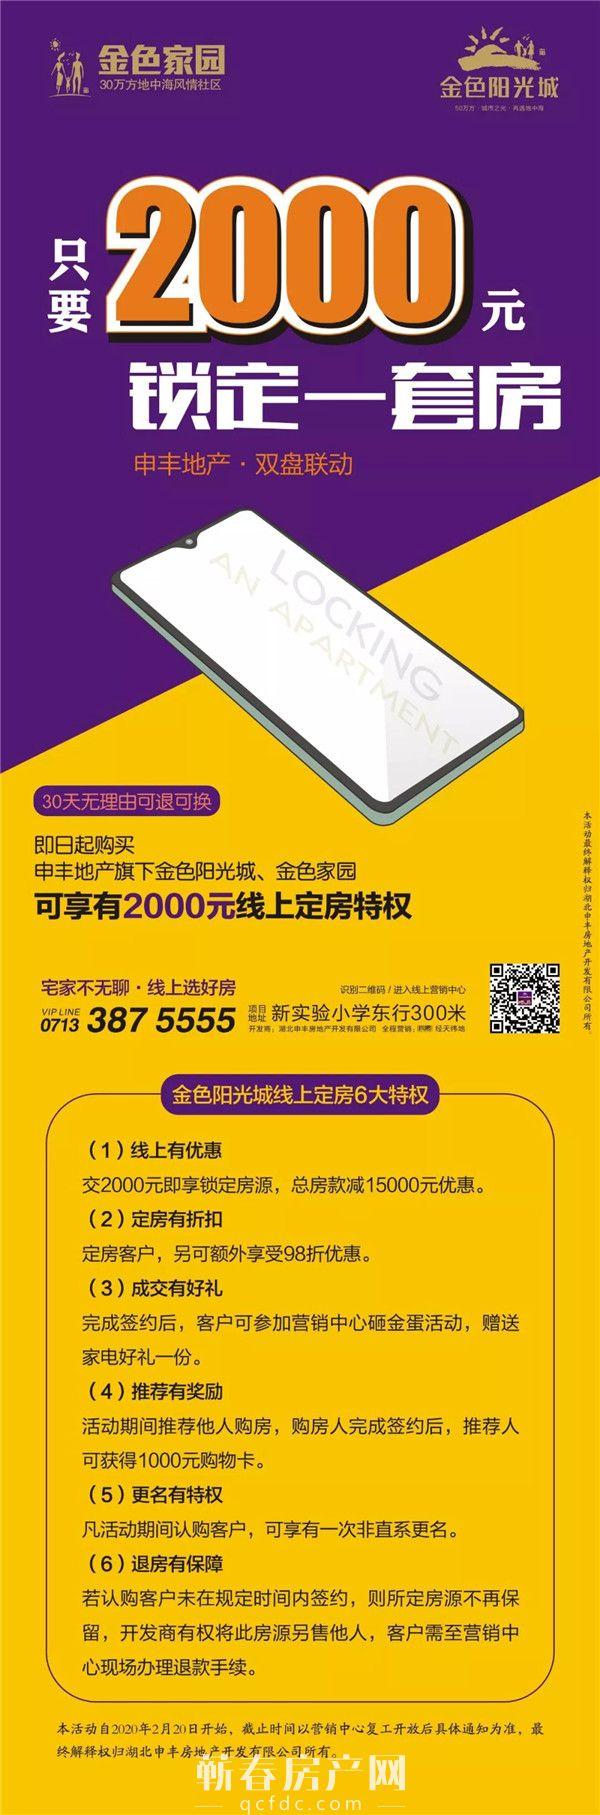 微信图片_20200226095947.jpg